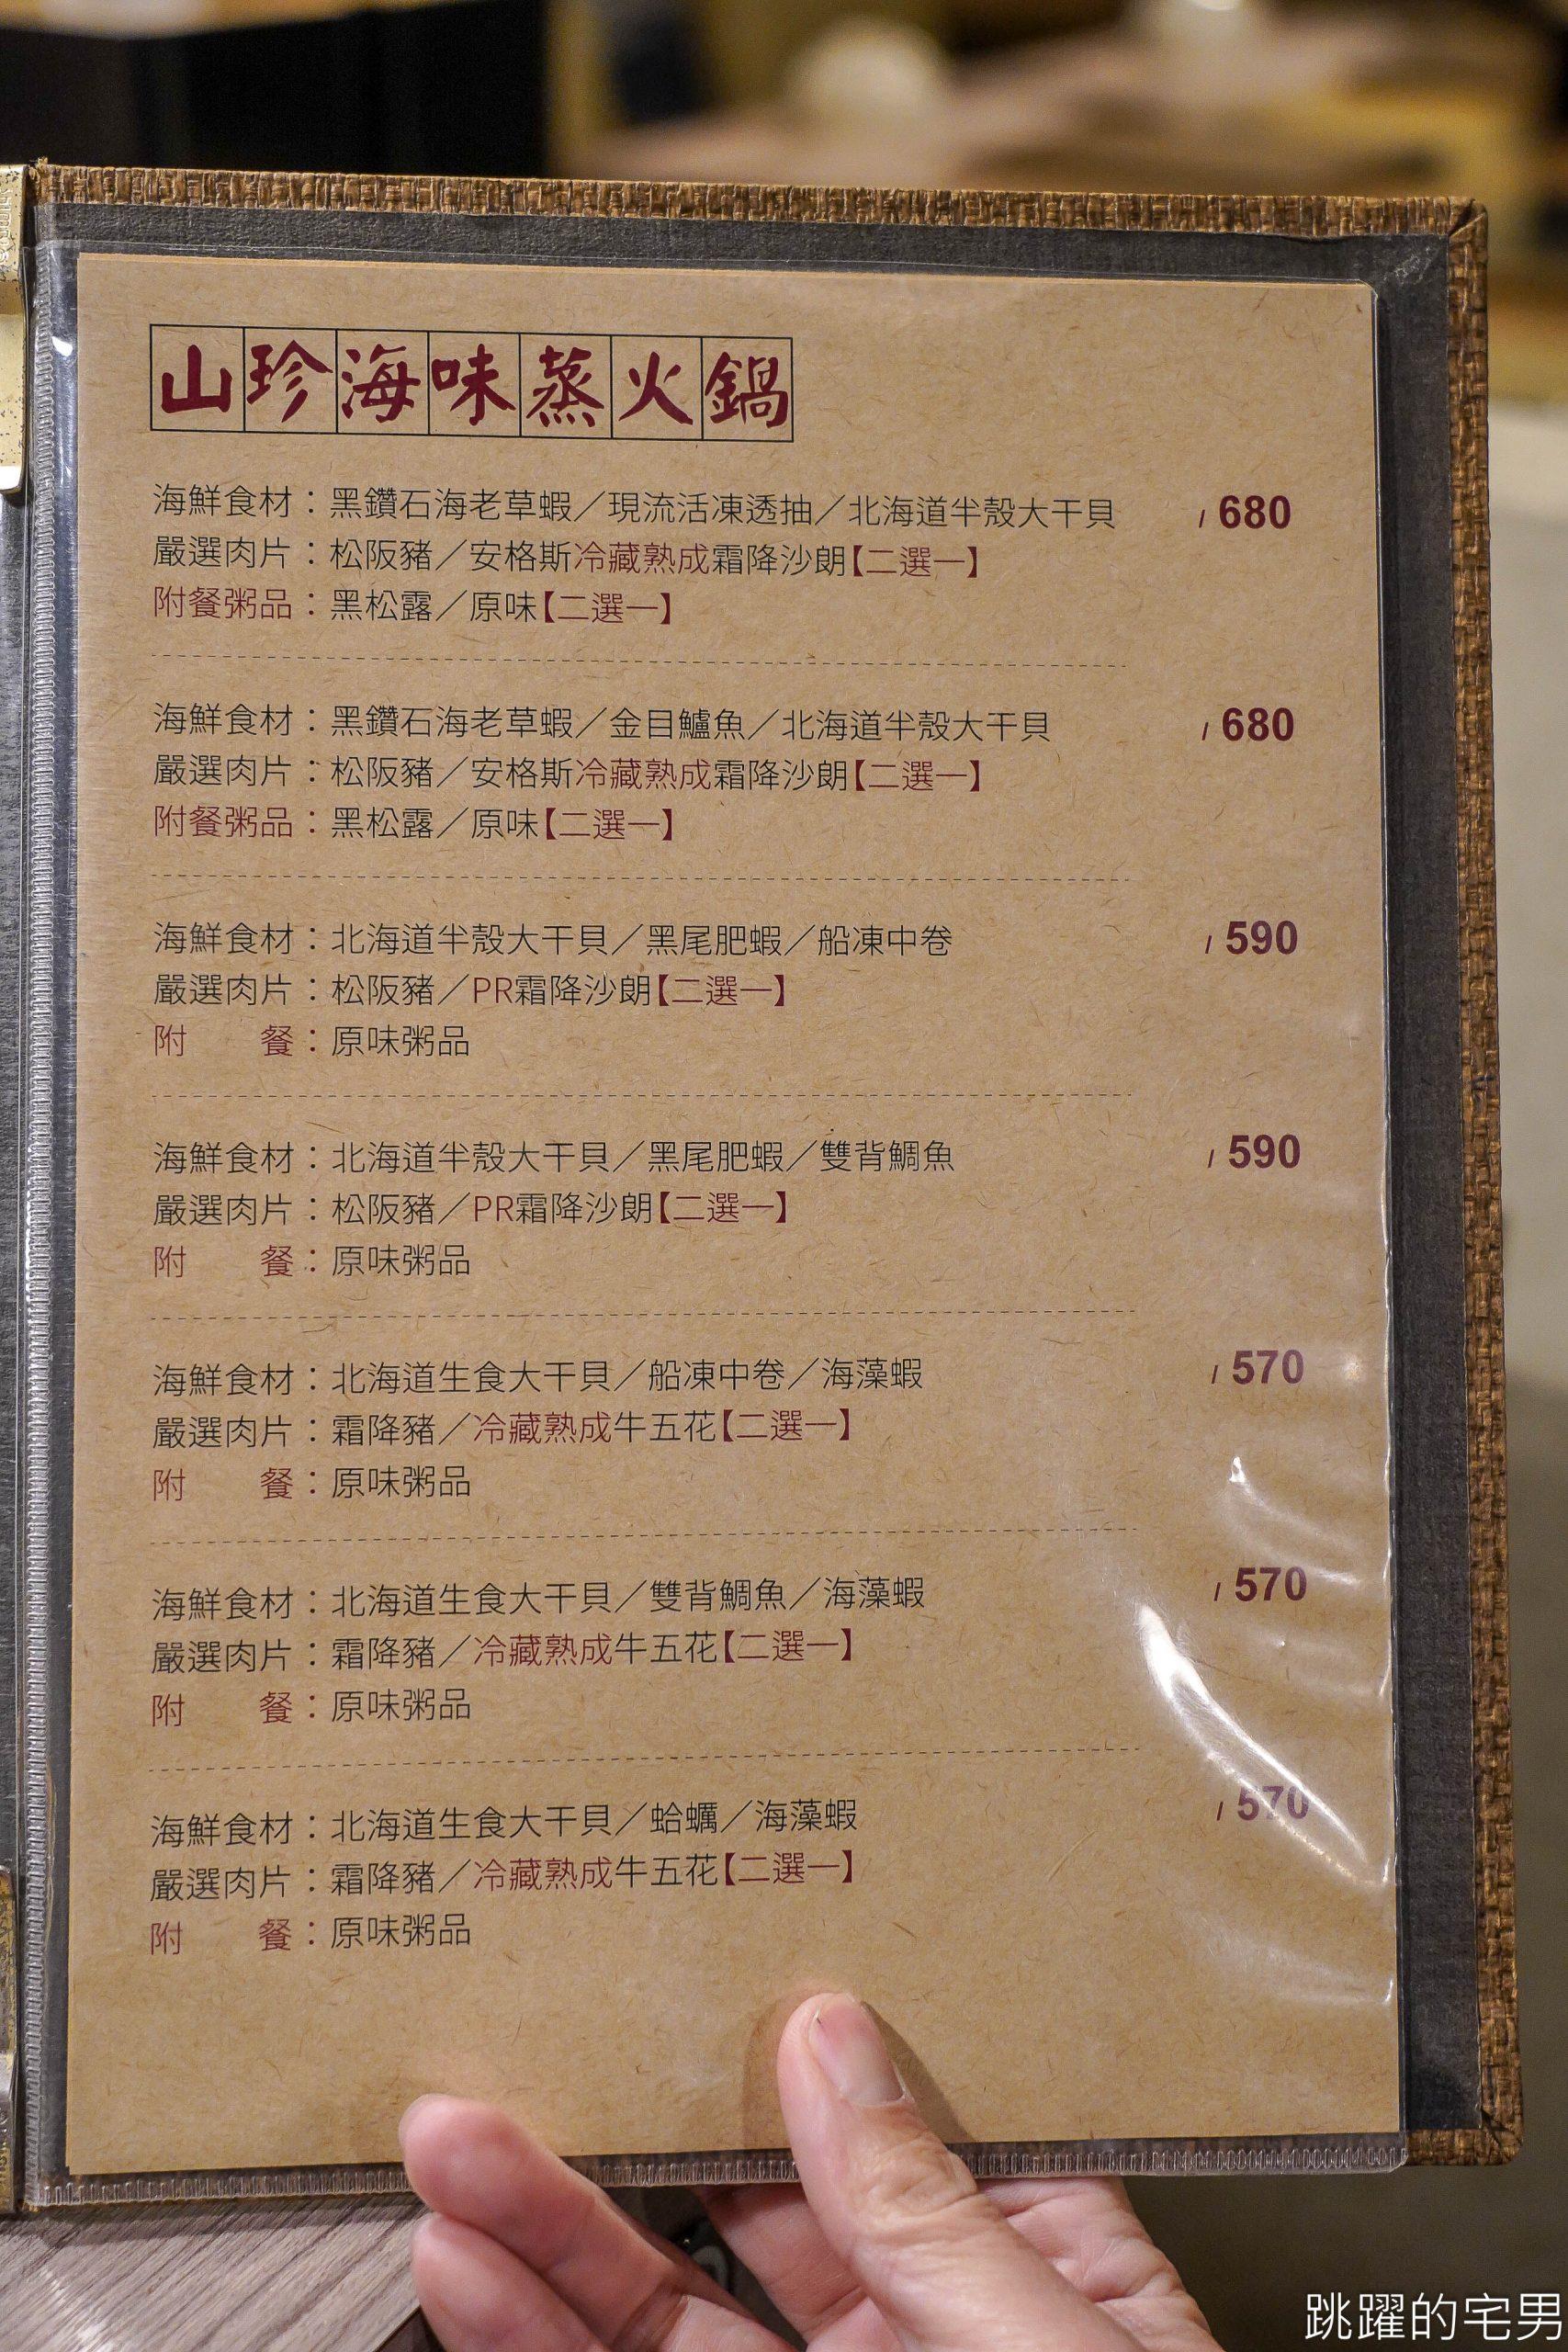 [花蓮火鍋]房角石涮涮鍋-這家蕃茄鍋湯頭超好喝  牛奶鍋很推薦 加湯都是加原湯頭,還有蒸氣塔 乾式熟成牛肉火鍋 值得推薦火鍋店 房角石涮涮鍋菜單 花蓮美食